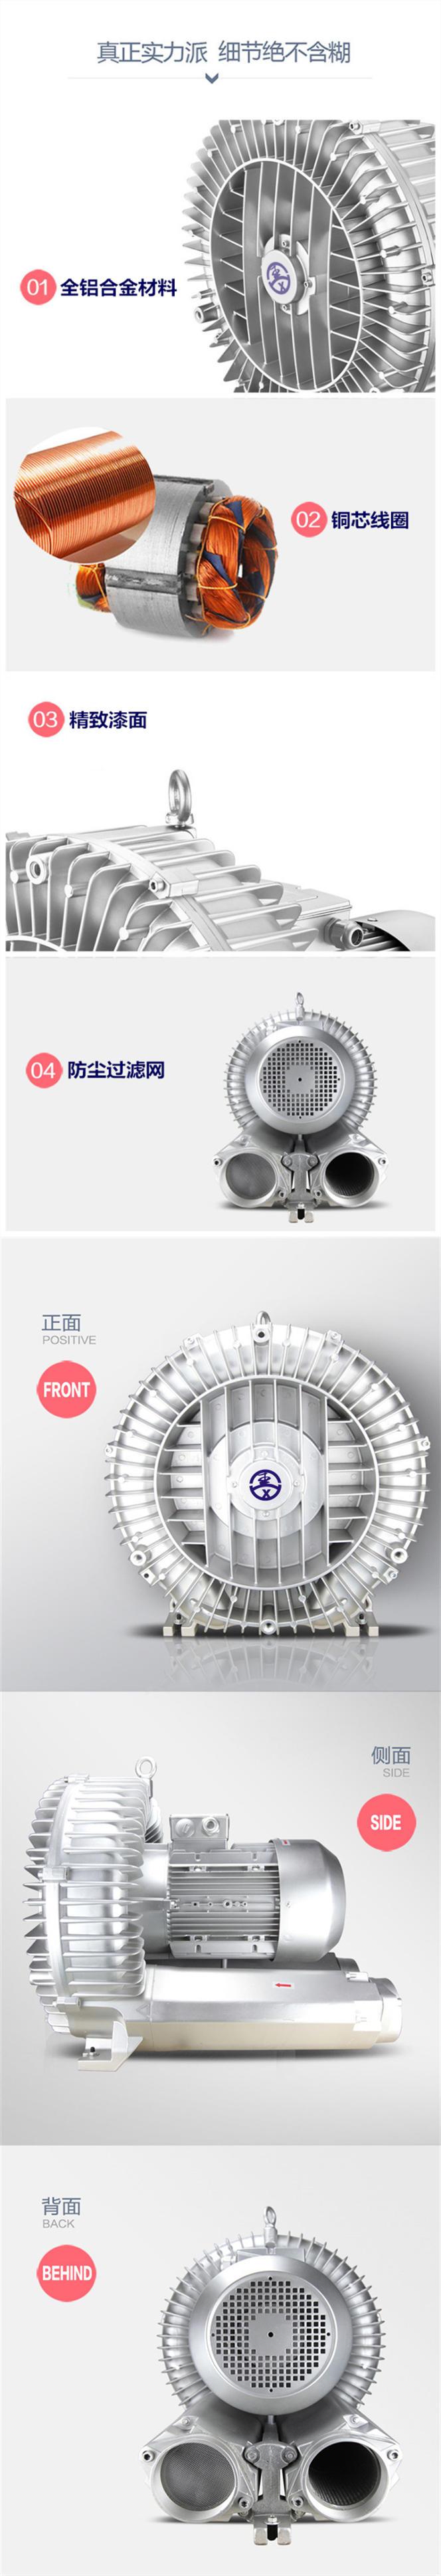 旋涡高压风机 单向高压风机 黄浦双段式高压风机示例图4